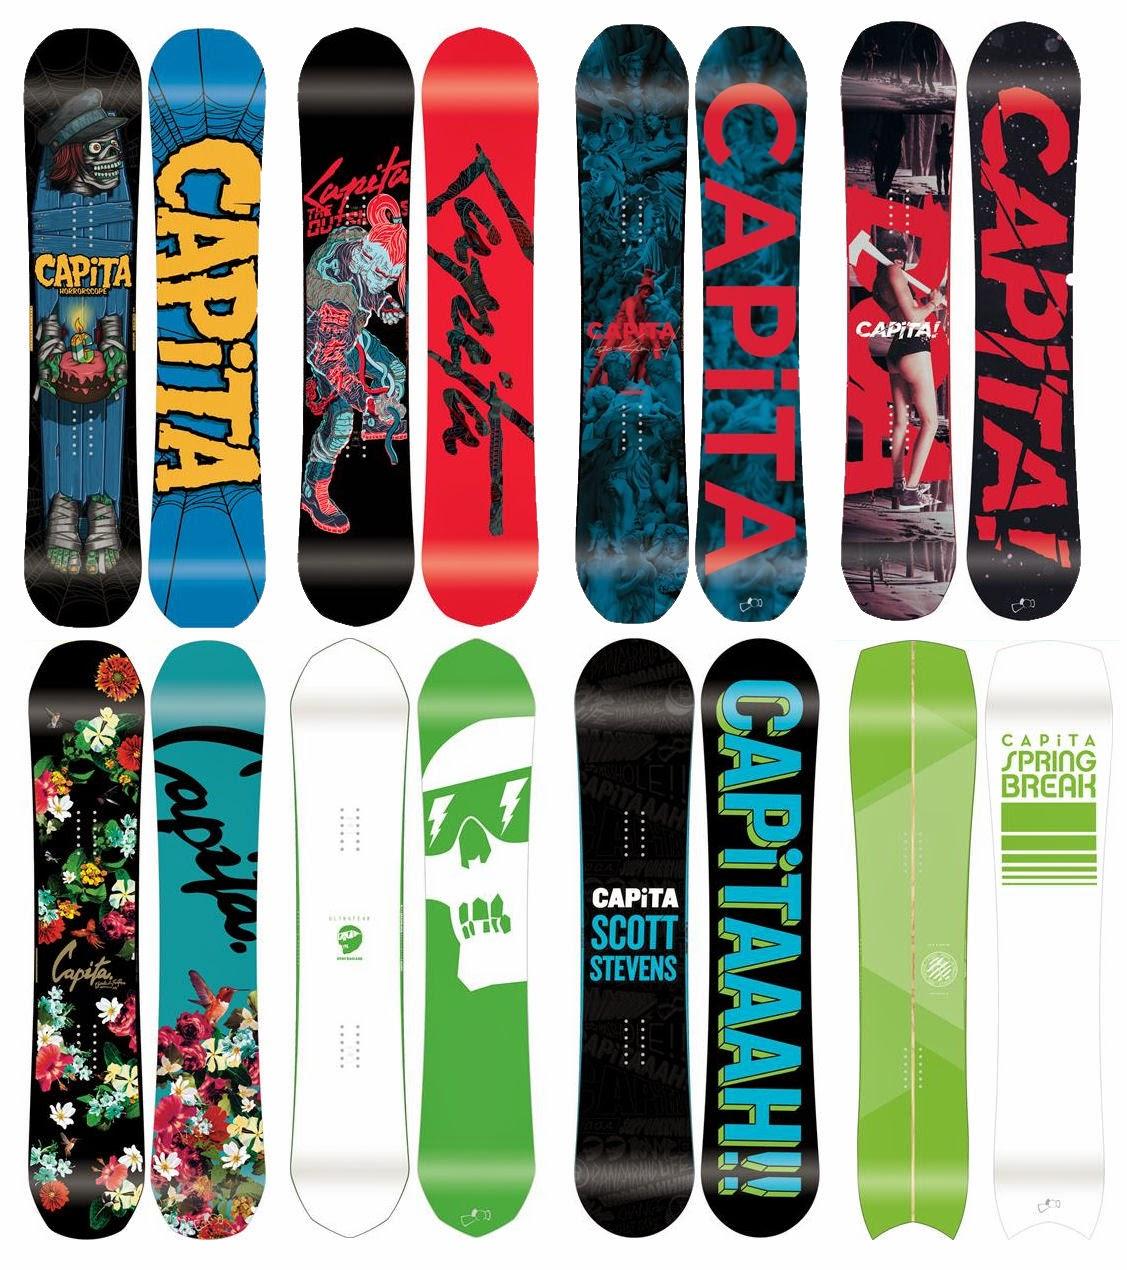 2014 Capita Snowboards Sneak Peek | evo Culture, Community, Cause